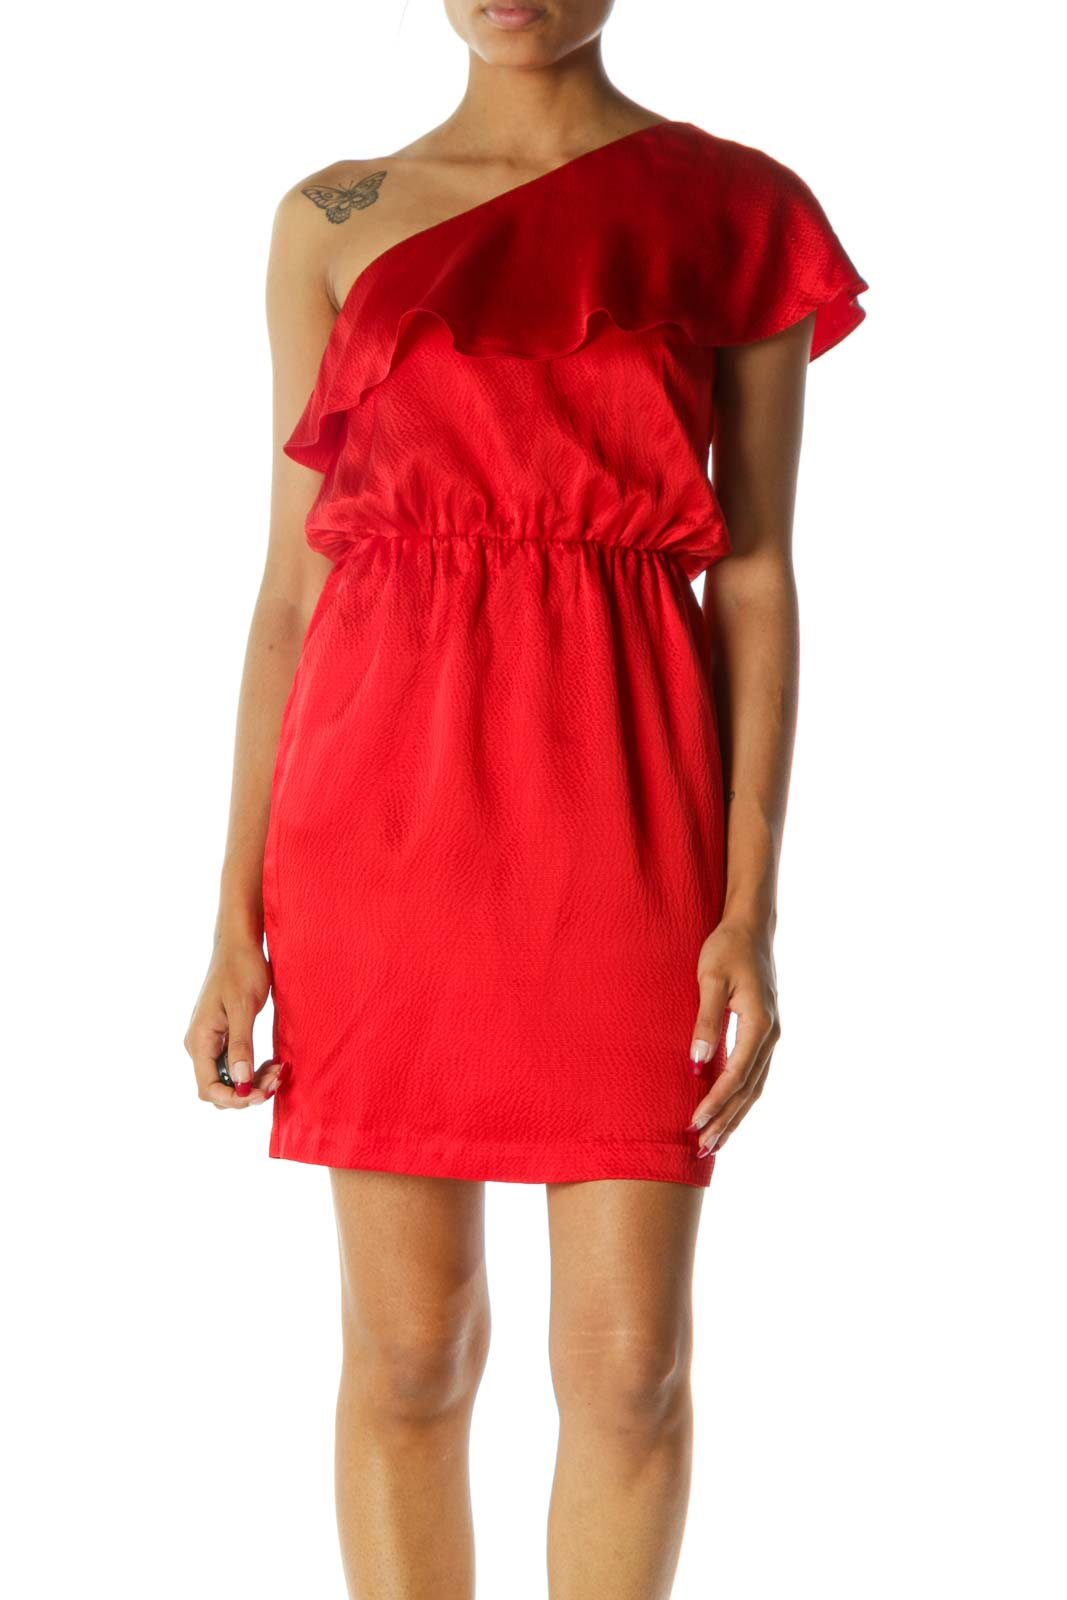 Red One-Shoulder Flared Pocketed 100% Silk Dress